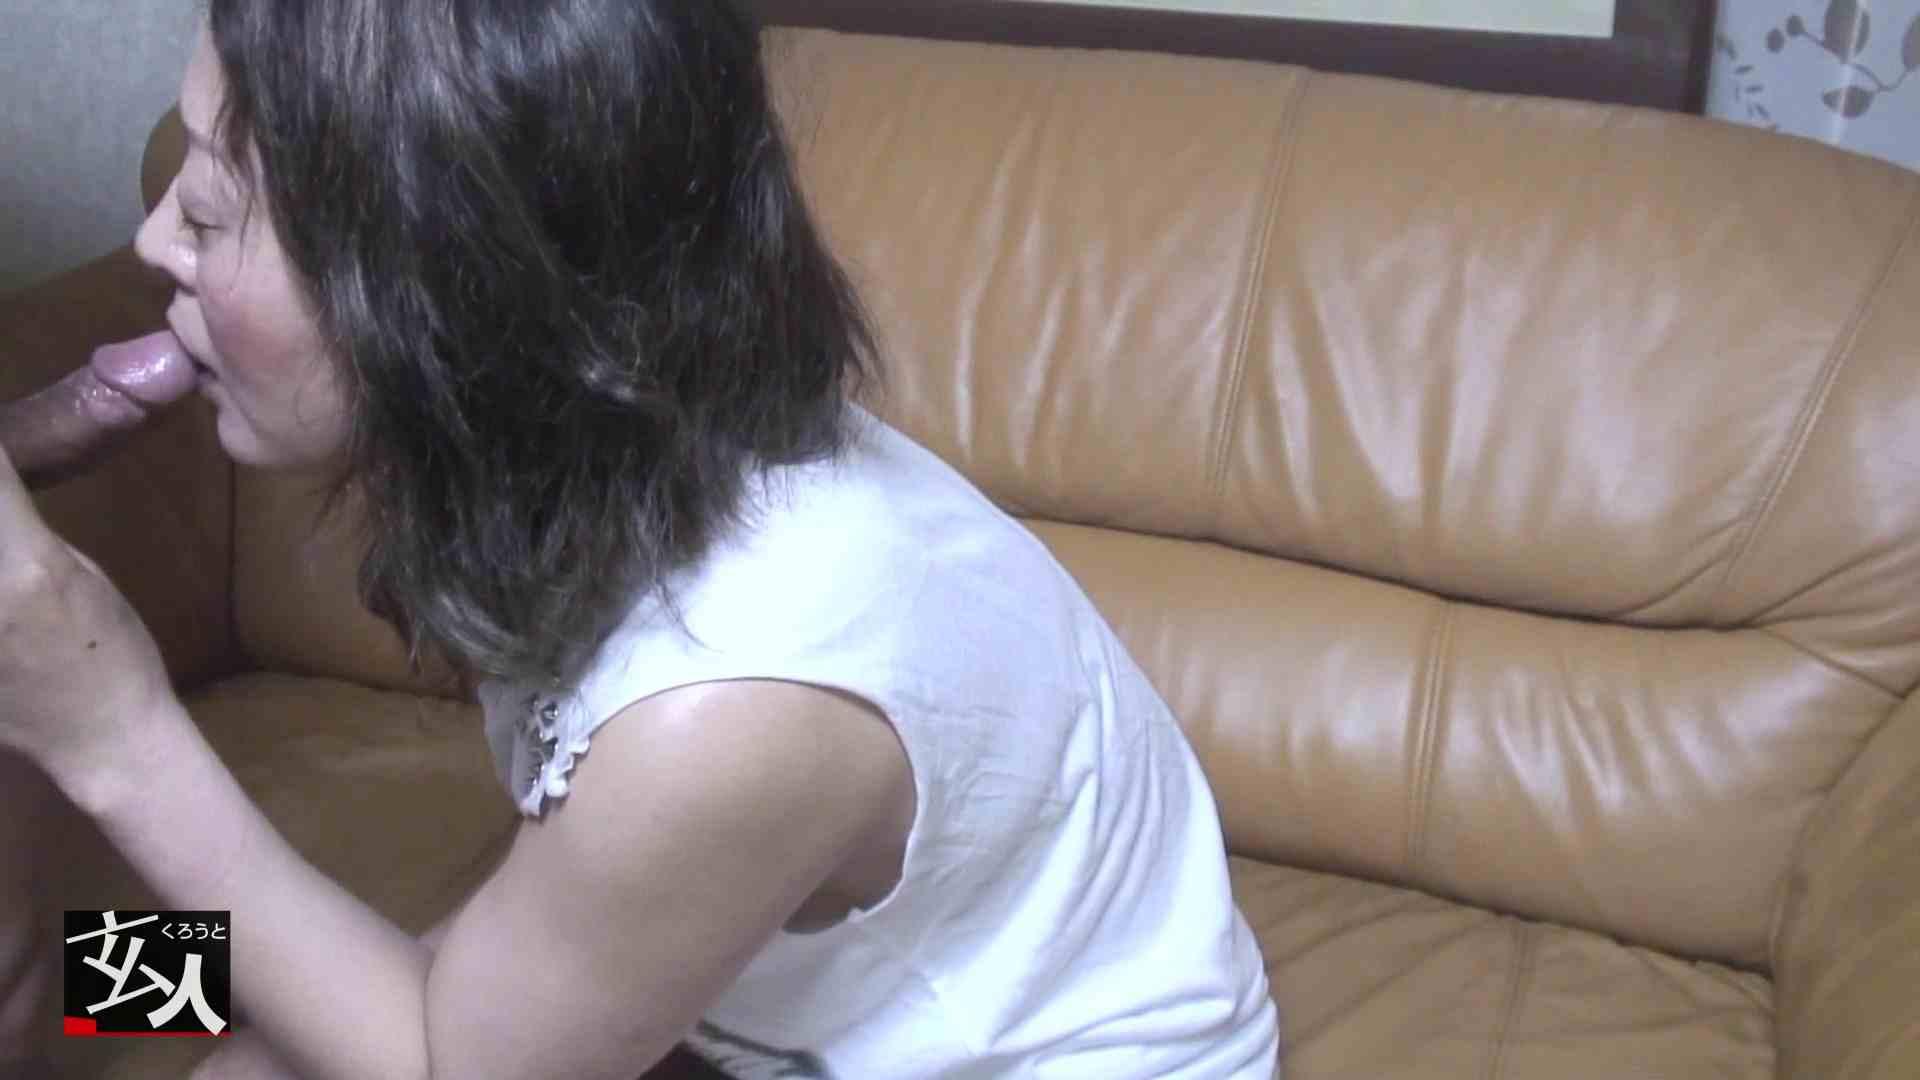 鬼才沖本監督作品 何でもハイと言う女 終章 フェラ AV無料動画キャプチャ 58PIX 17